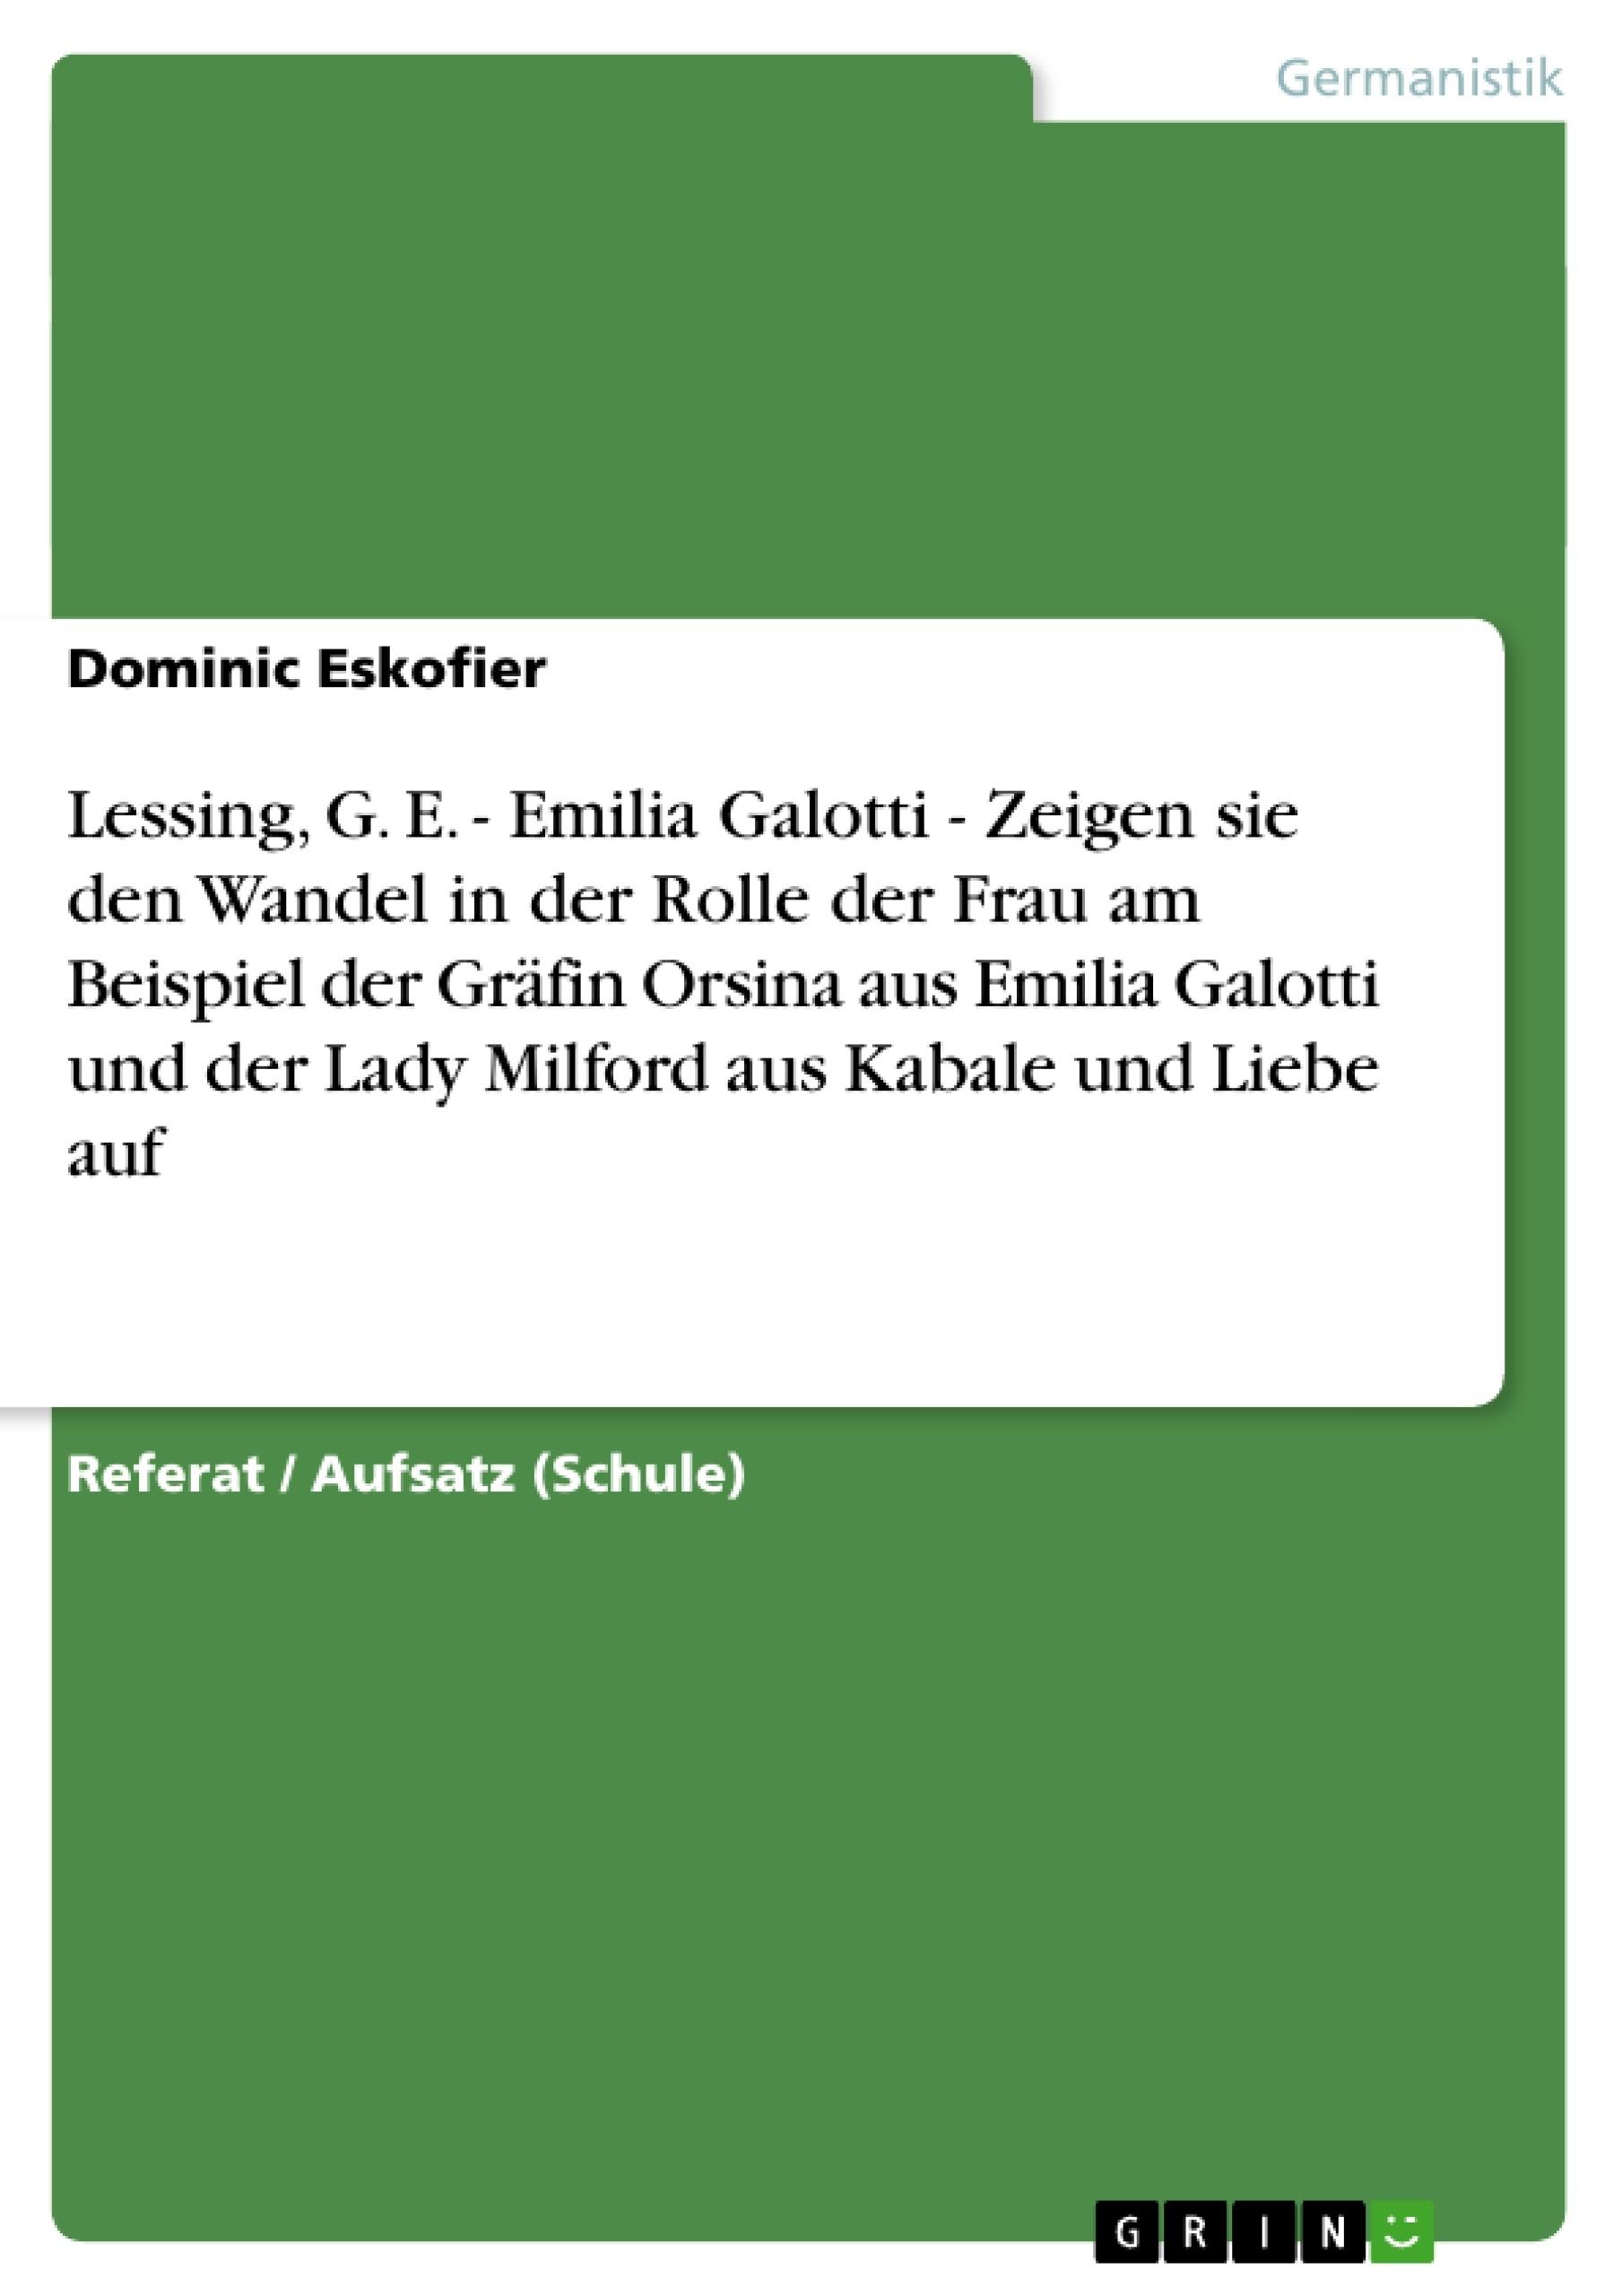 Titel: Lessing, G. E. - Emilia Galotti - Zeigen sie den Wandel in der Rolle der Frau am Beispiel der Gräfin Orsina aus Emilia Galotti und der Lady Milford aus Kabale und Liebe auf